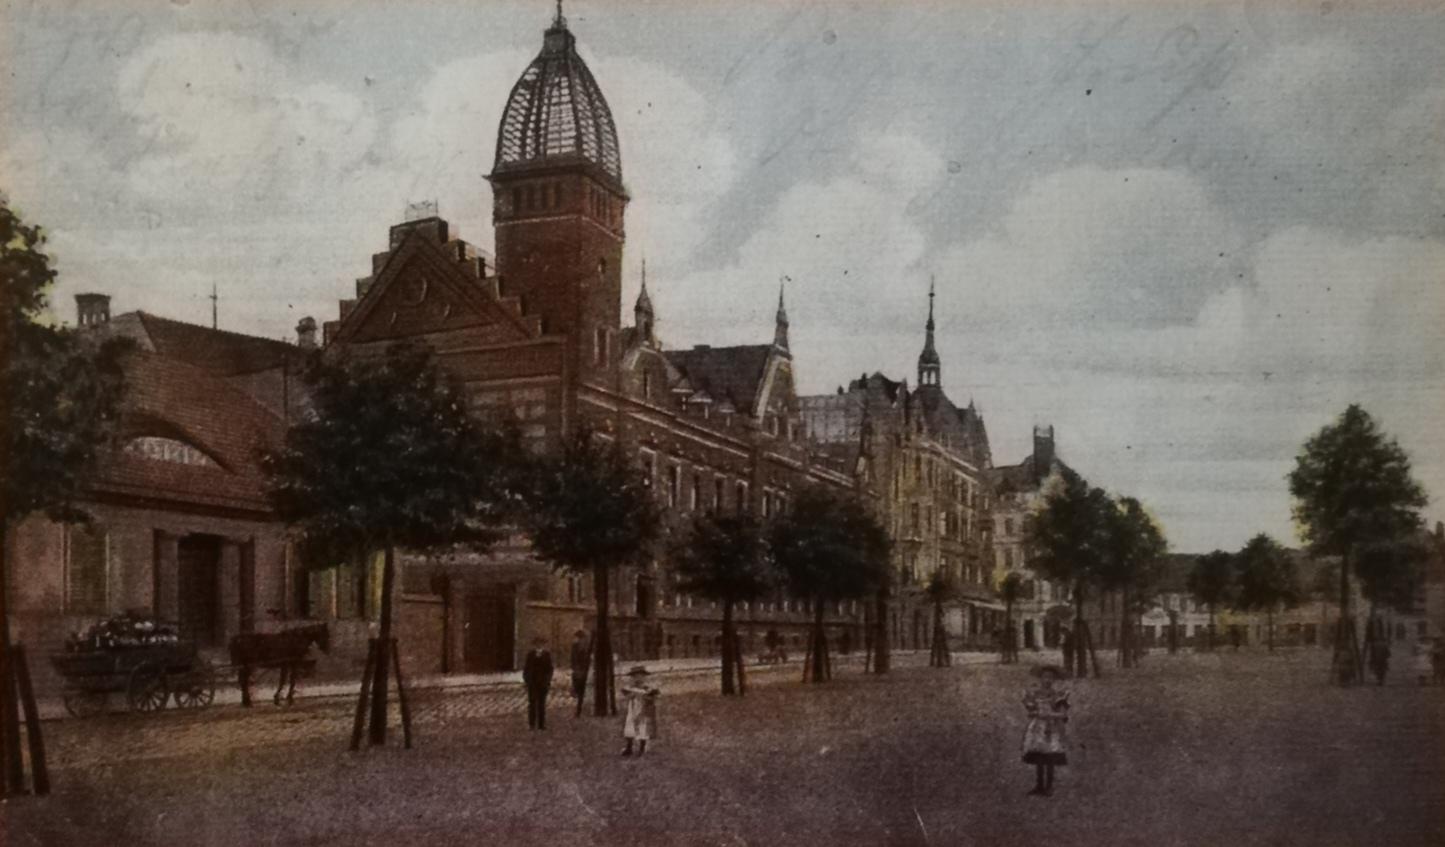 The postcard image of 1907, showing Berliner Platz in Cottbus.